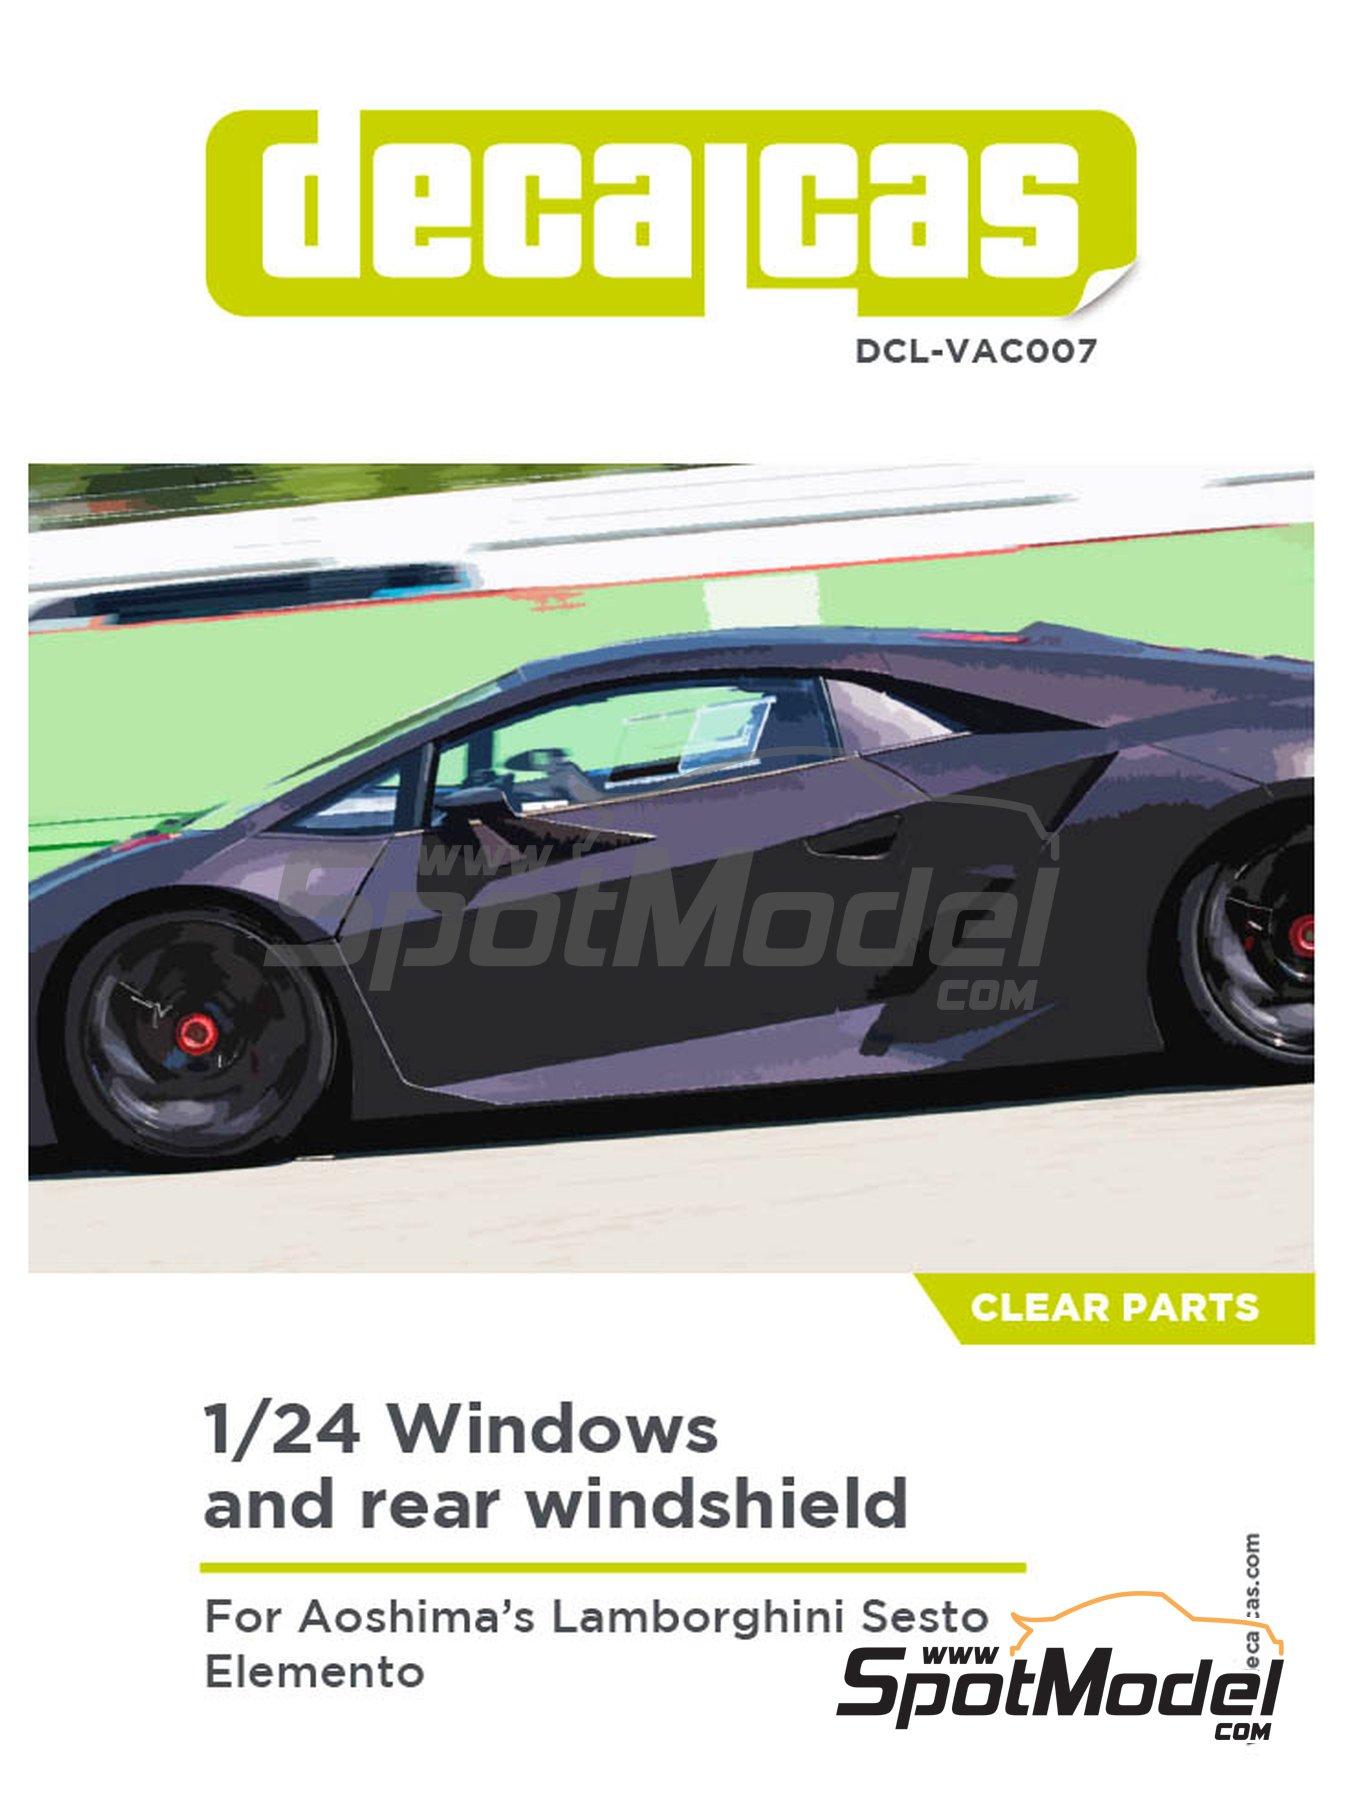 Lamborghini Sesto Elemento | Transparentes en escala1/24 fabricado por Decalcas (ref.DCL-VAC007) image